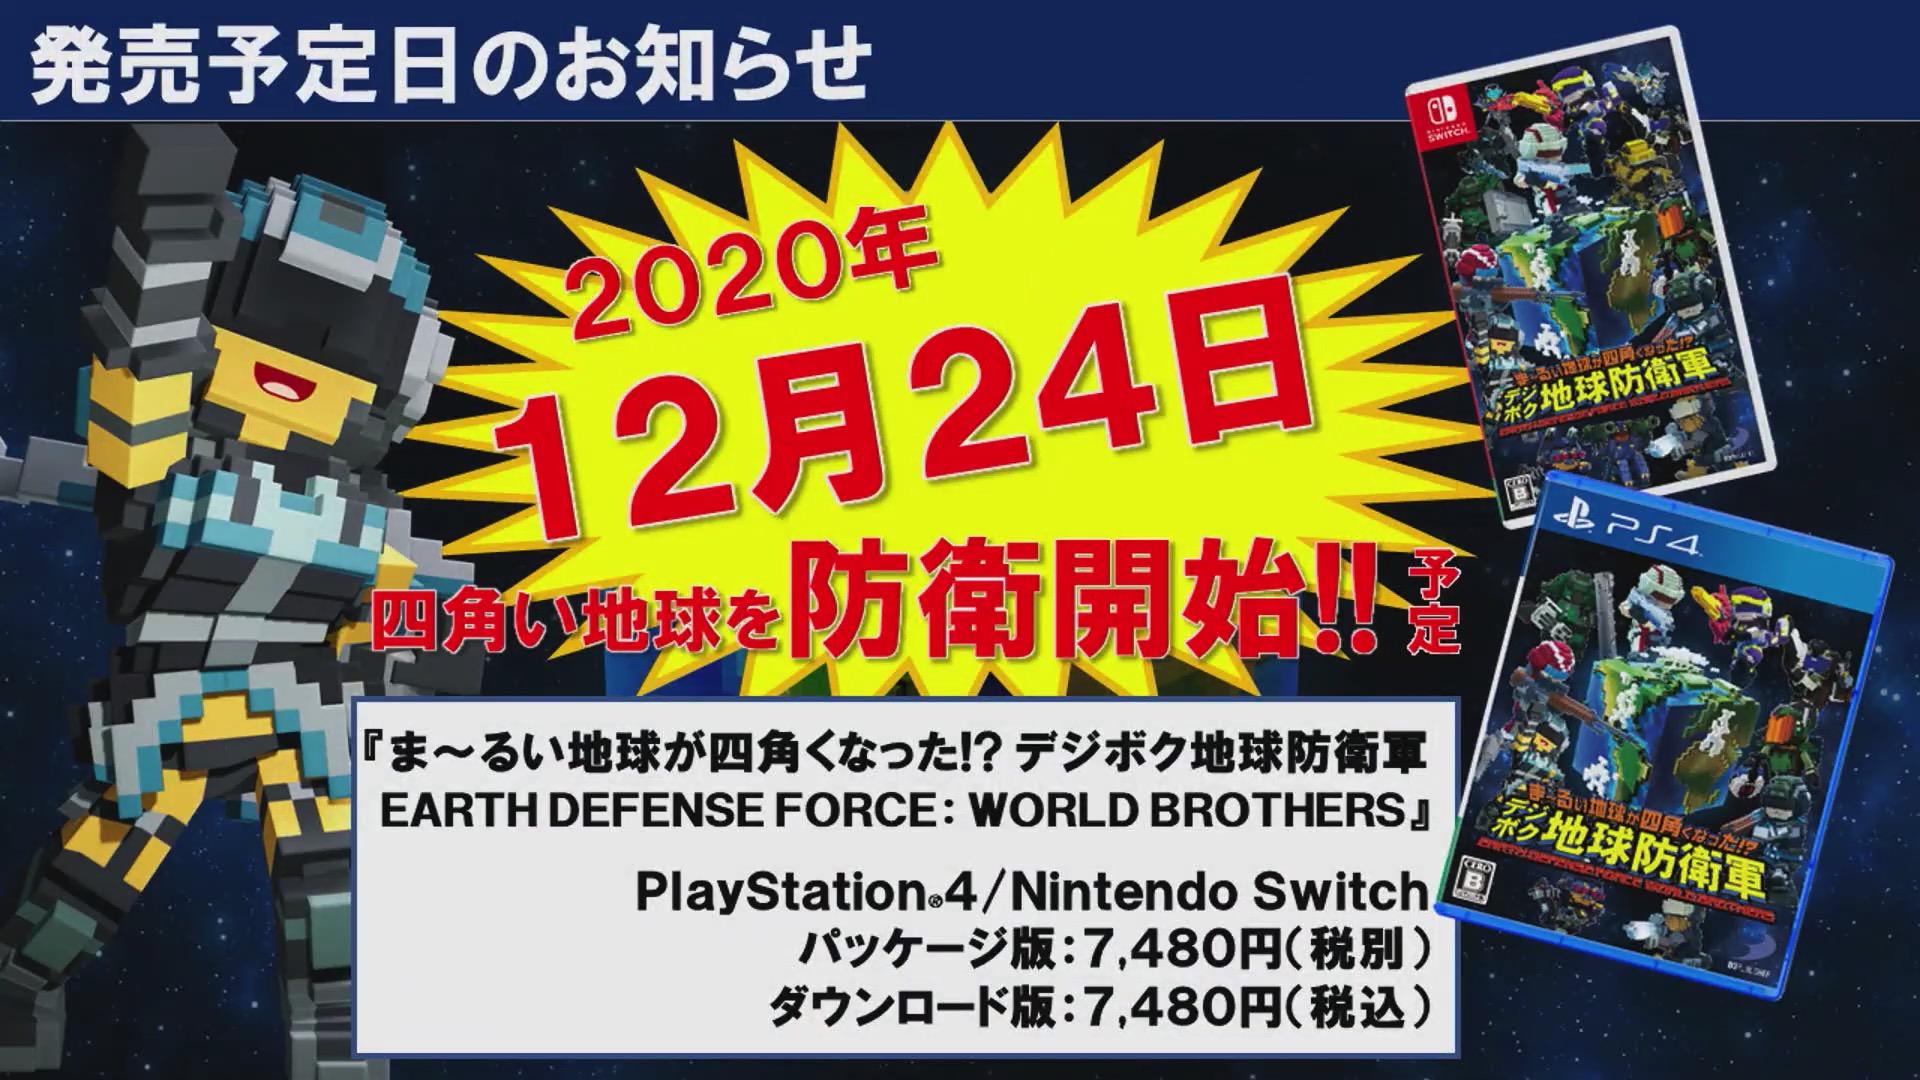 武器 地球 最強 防衛 5 軍